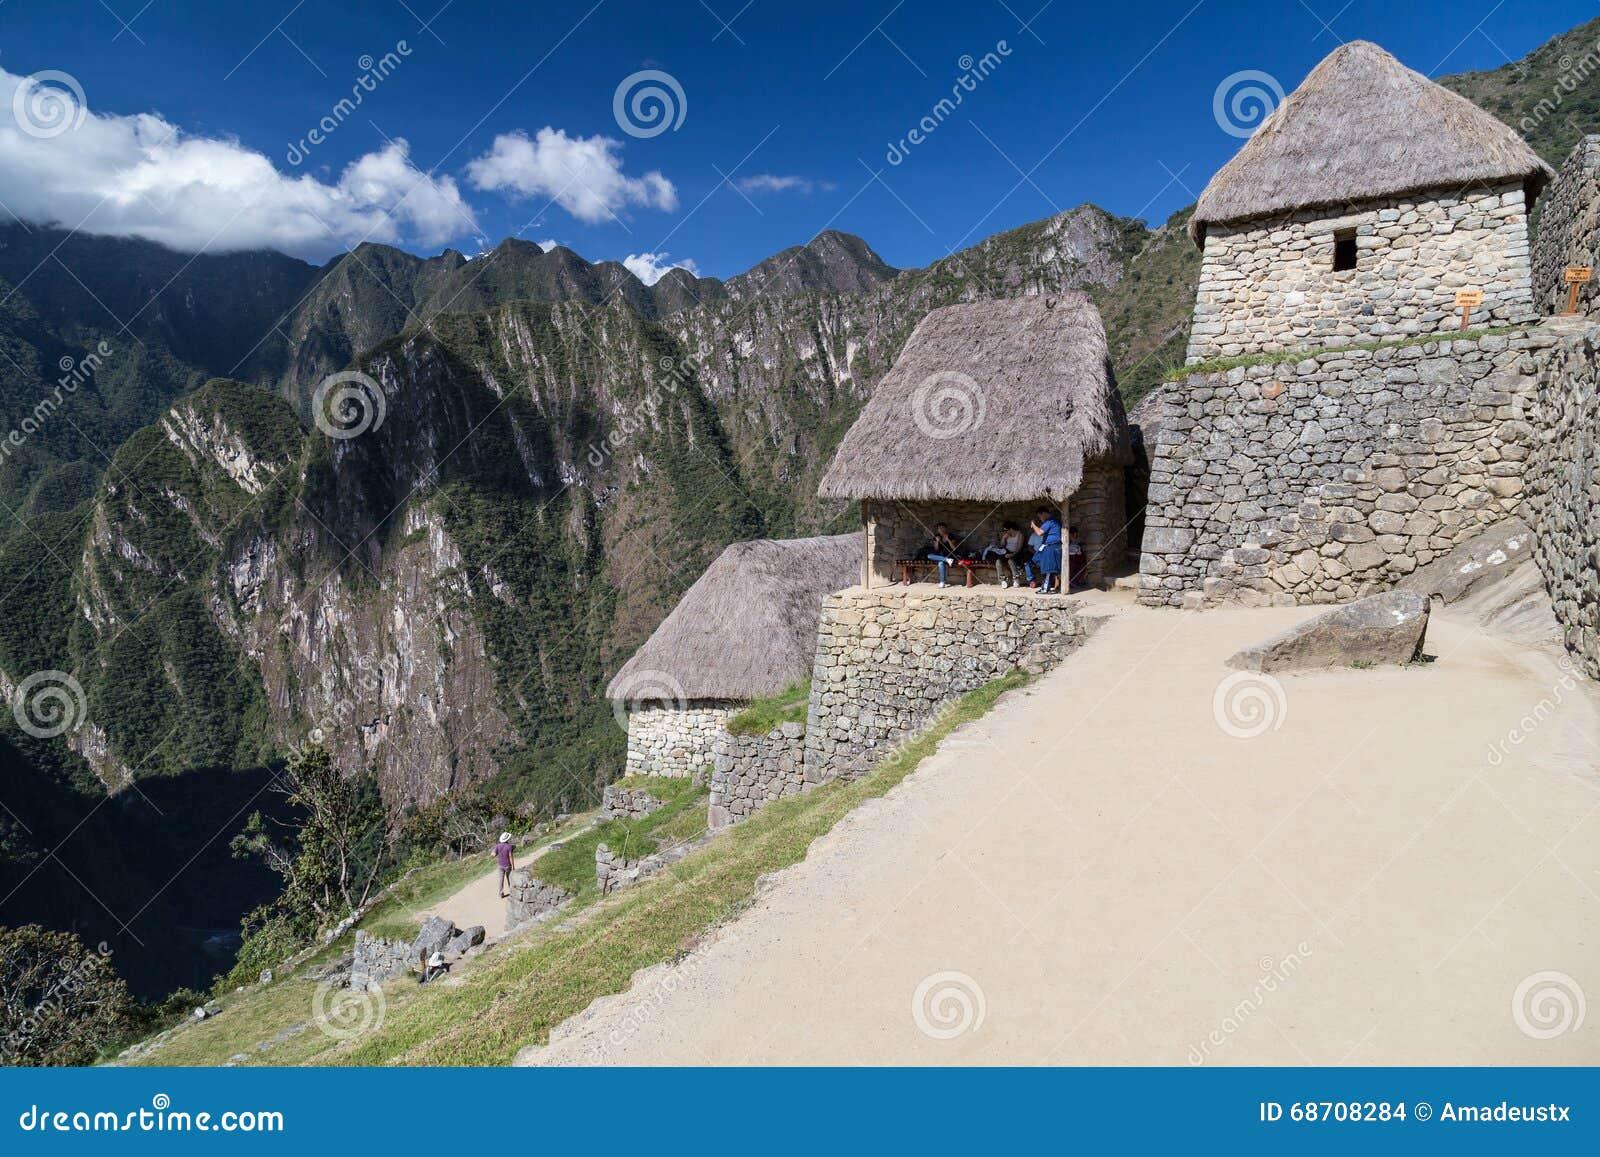 Machu Picchu, Aguas Calientes/Perù - circa giugno 2015: Rovine della città persa sacra di Machu Picchu delle inche nel Perù